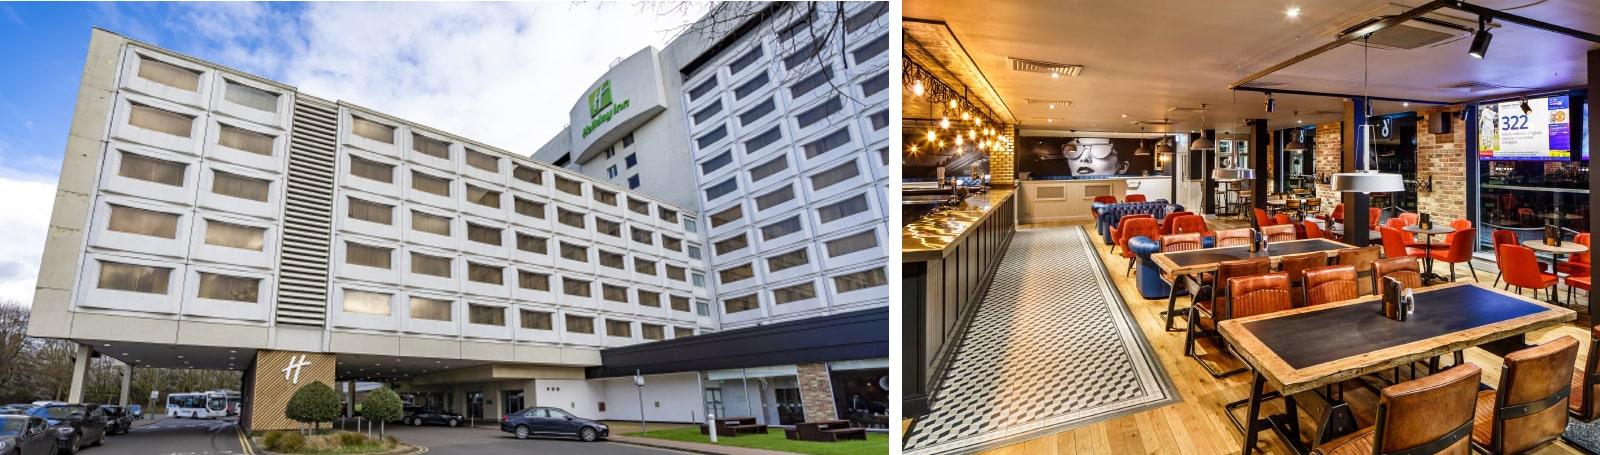 Holiday Inn M4, Junction 4 near LEGOLAND Windsor